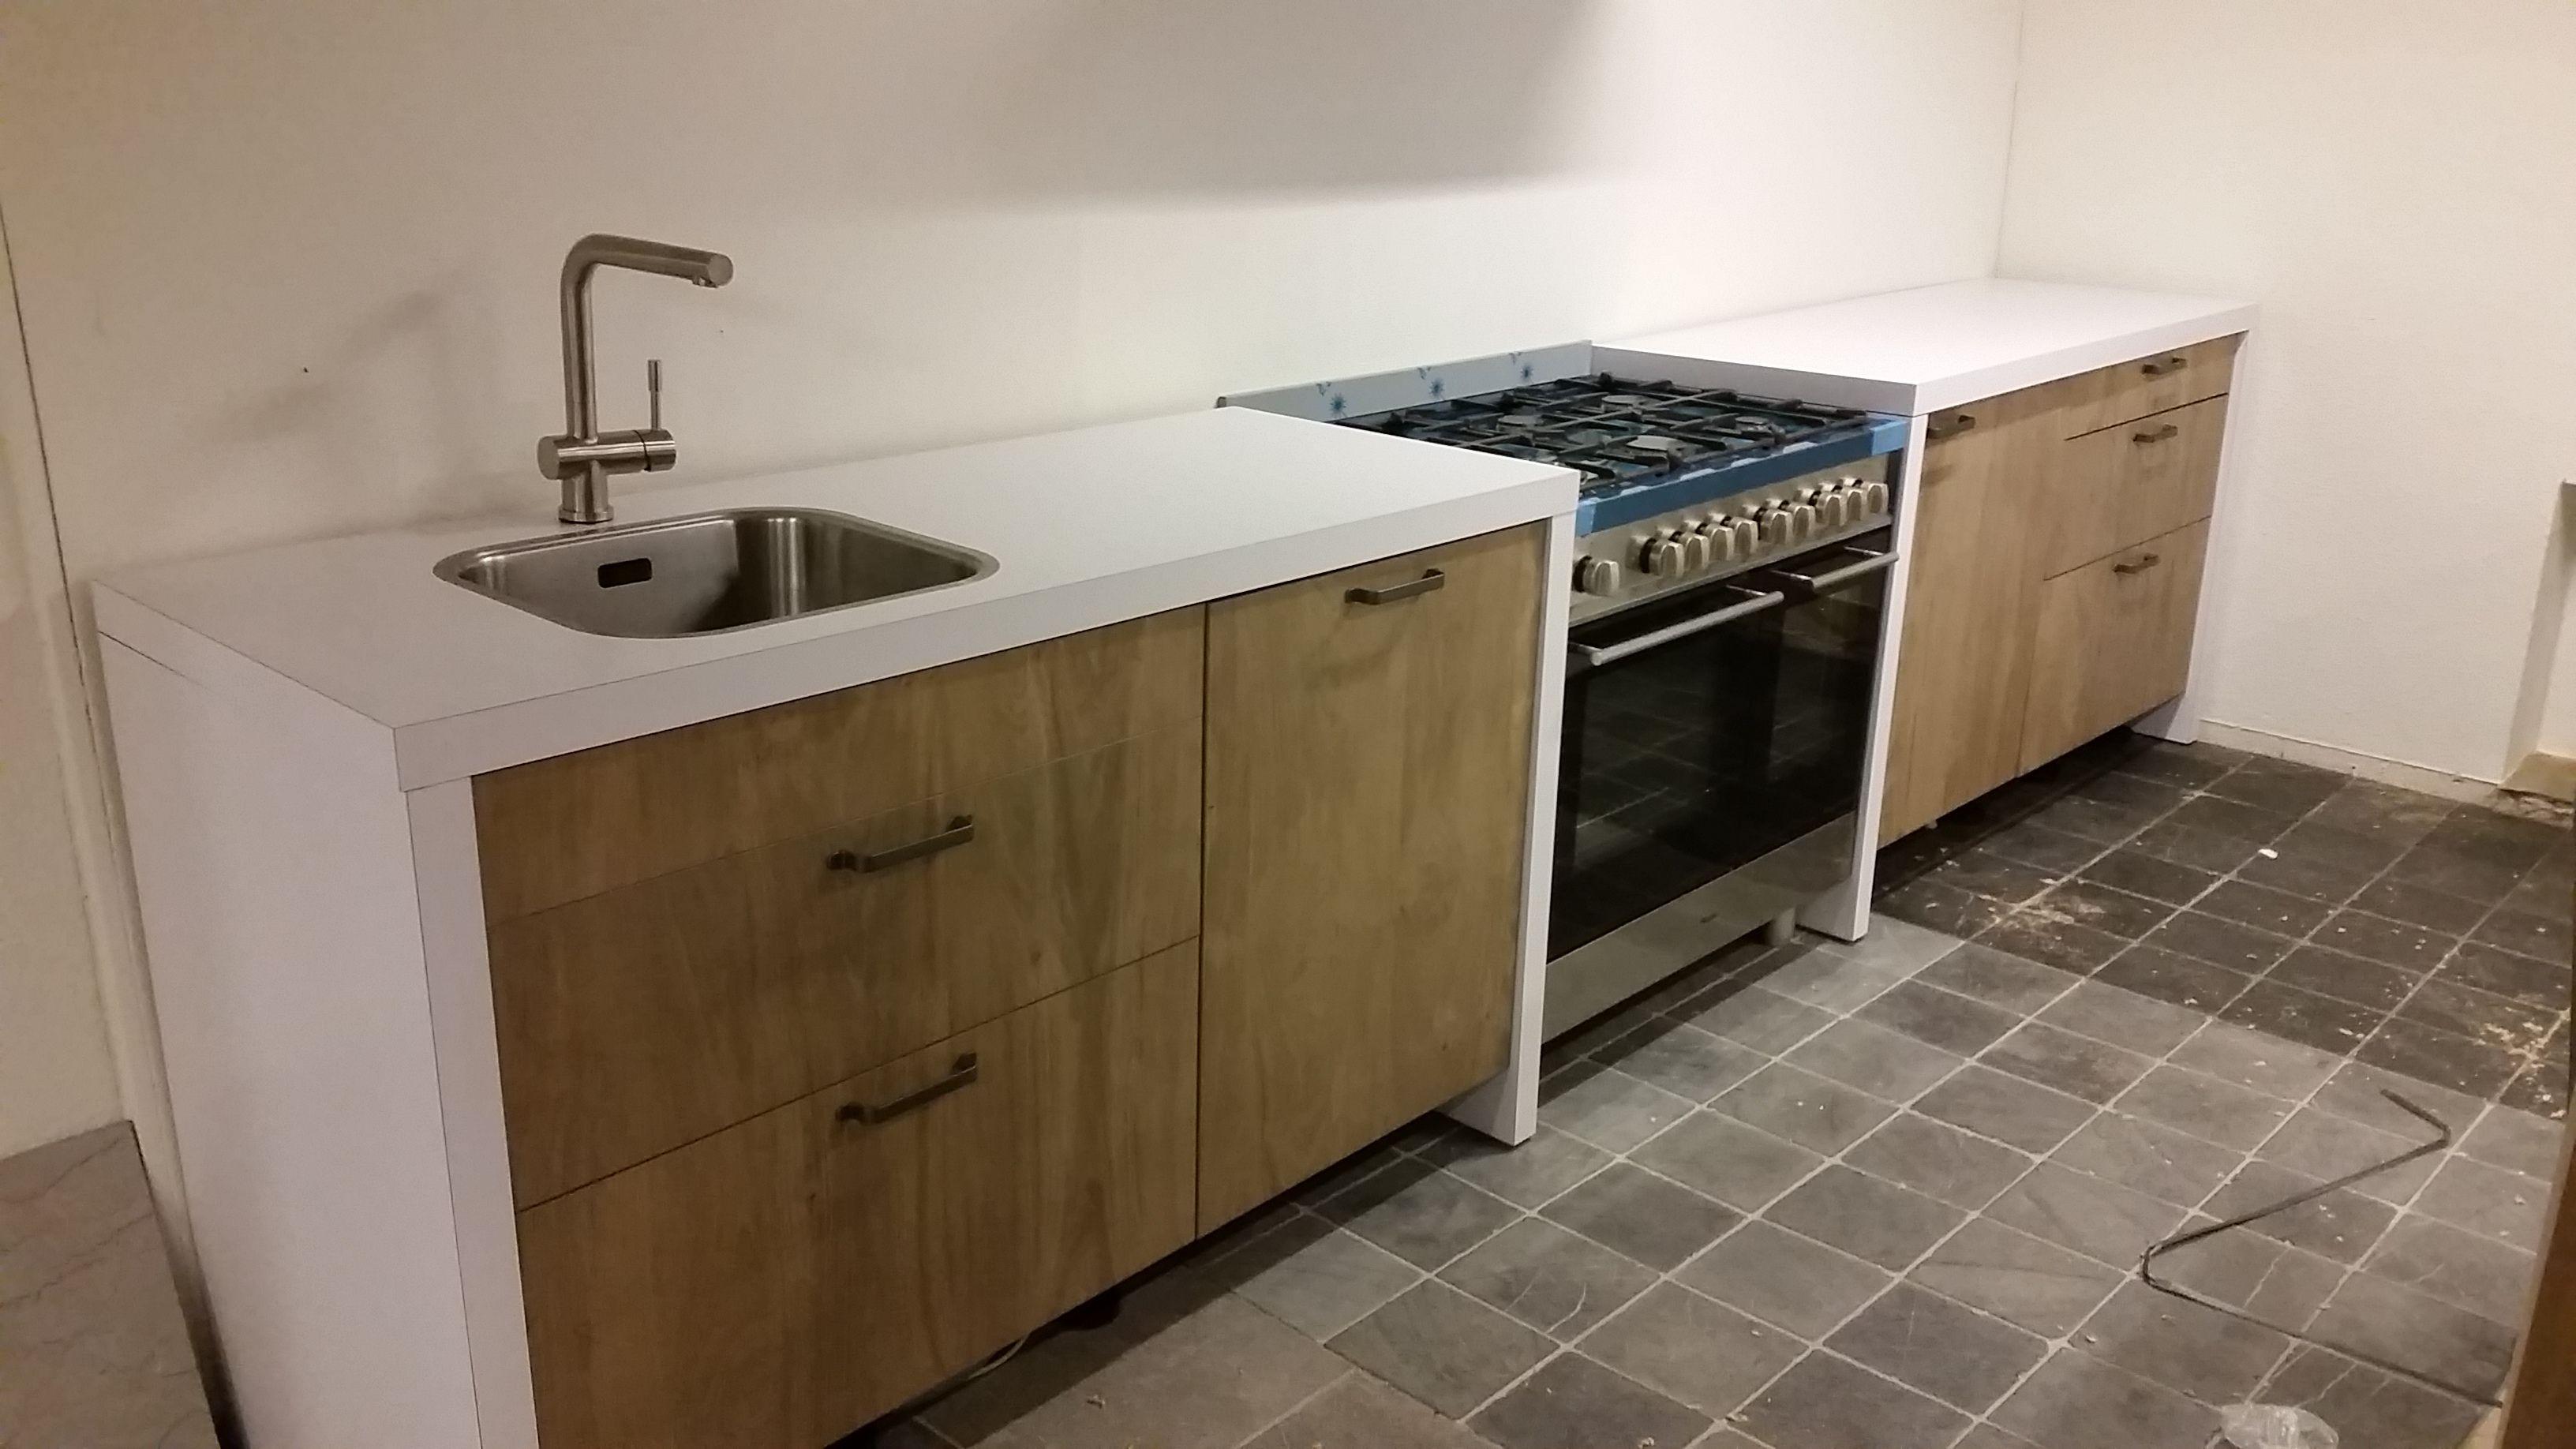 Ikea Opbergsystemen Keuken